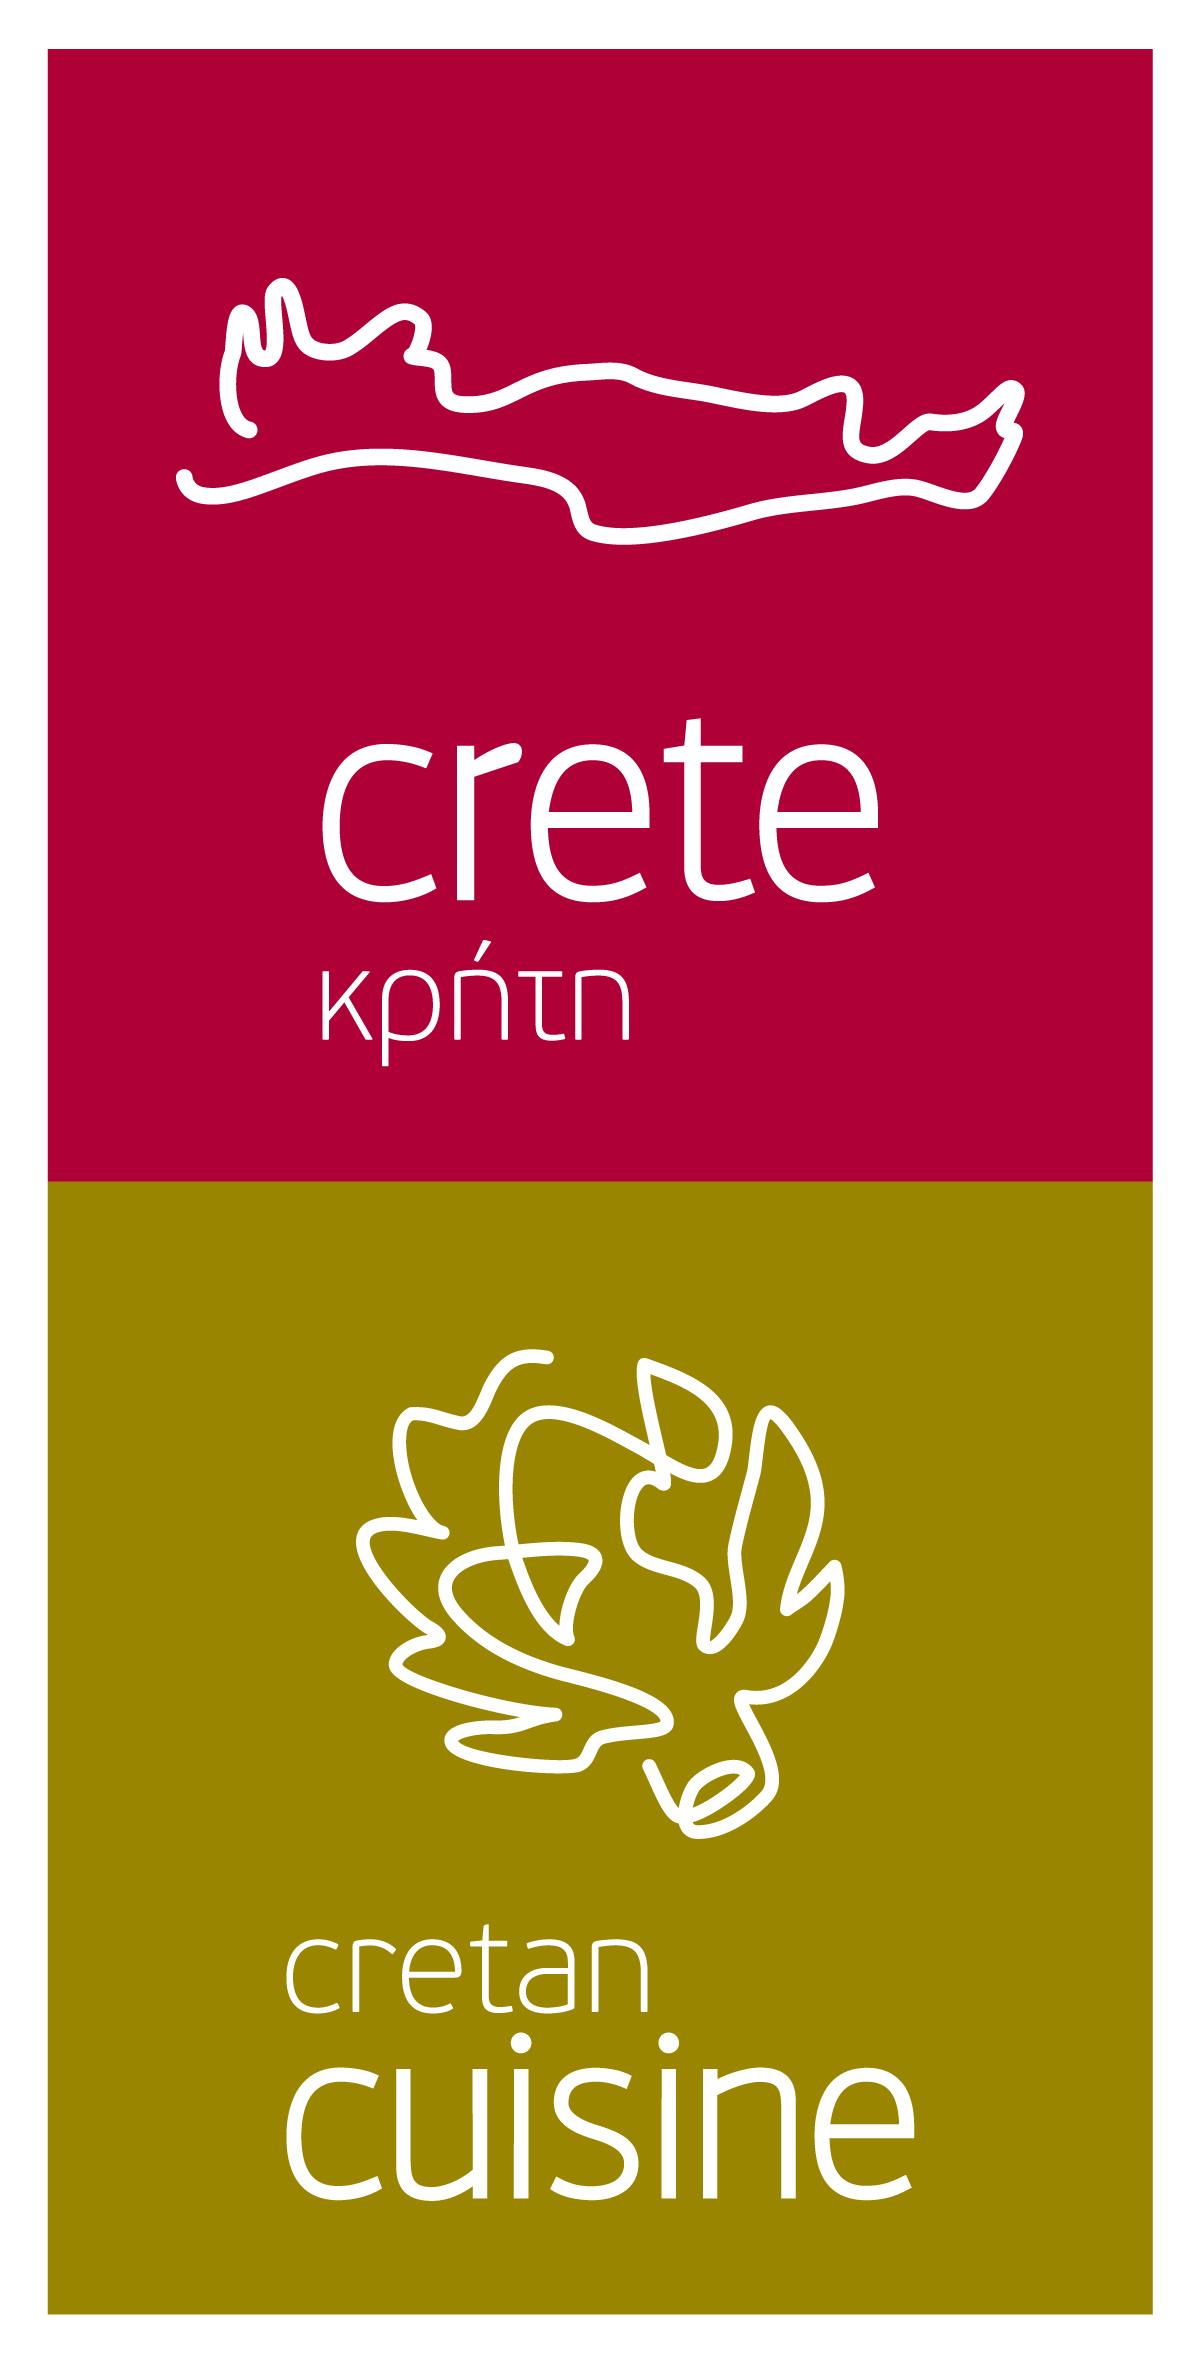 Πιστοποίηση του εστιατορίου μας από την Περιφέρεια Κρήτης.